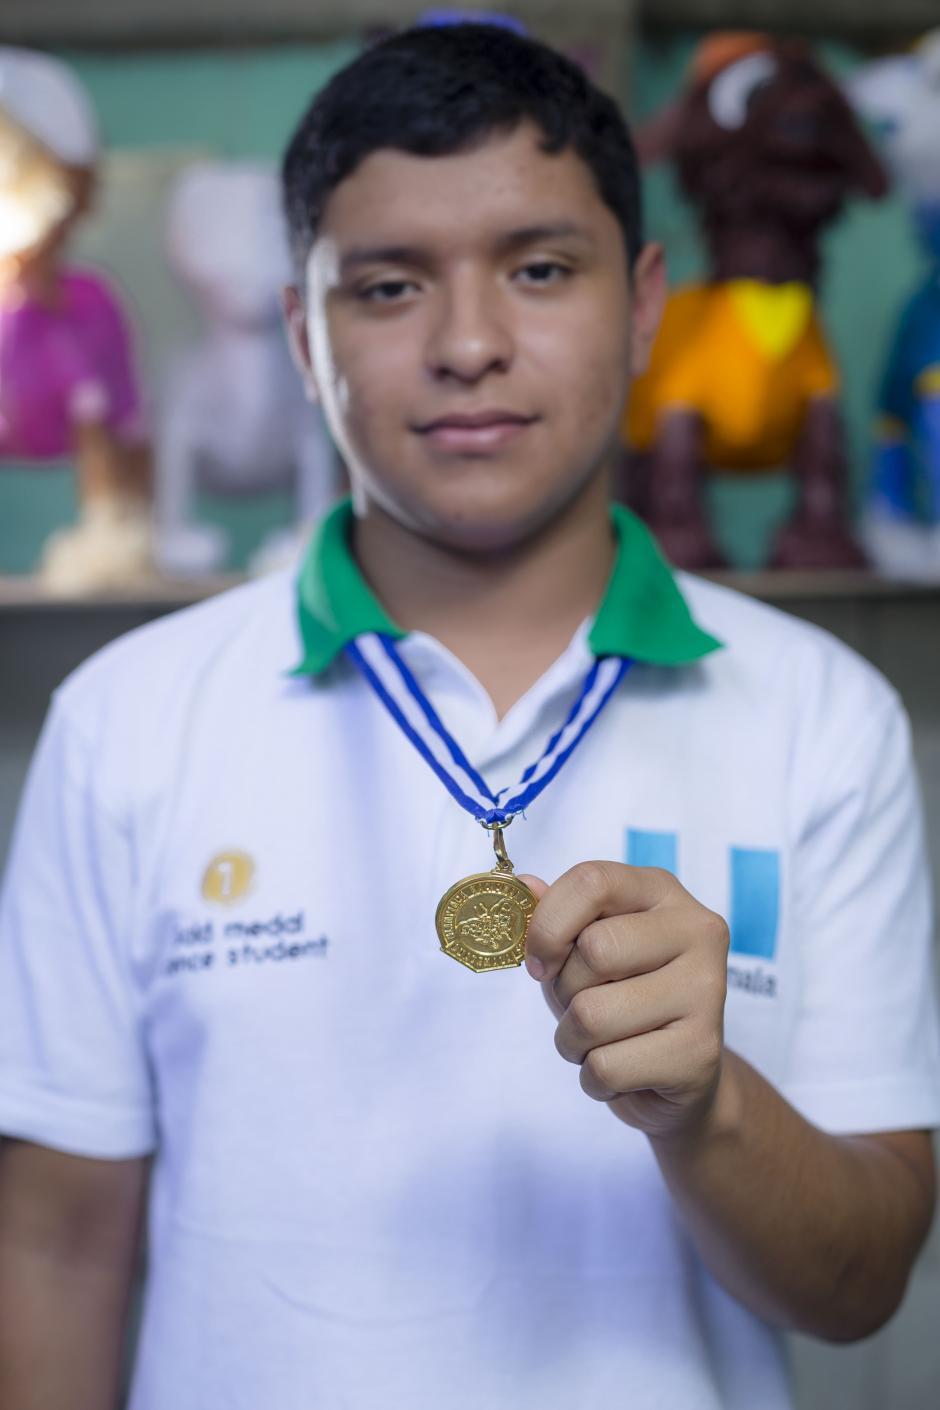 Walter tiene ahora muchos sueños y metas por cumplir, tras haber ganado las Olimpiadas Nacionales de Biología.(Foto: George Rojas/Soy502)